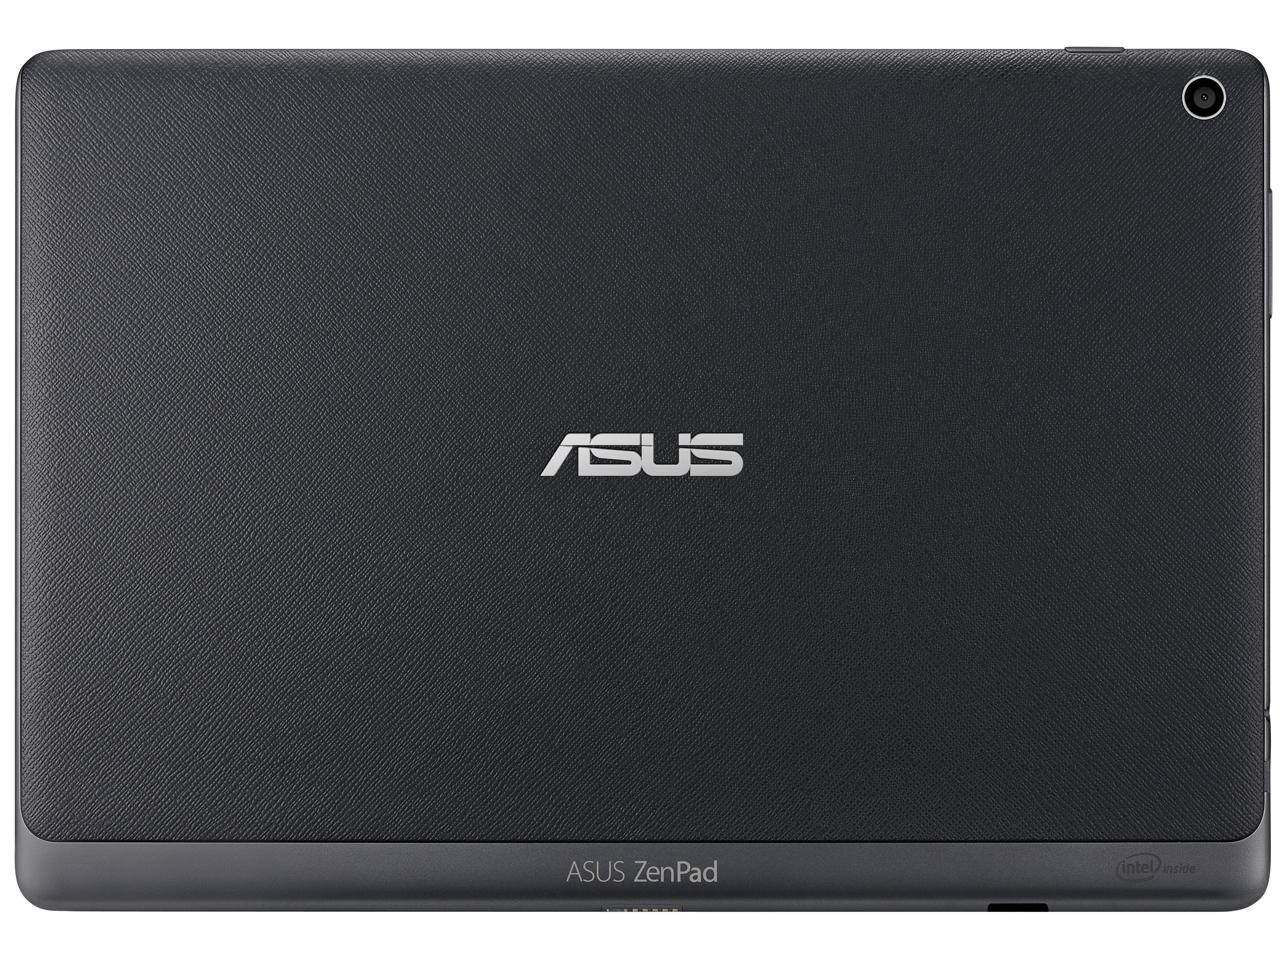 『本体 背面』 ASUS ZenPad 10 Z300C-BK16 [ブラック] の製品画像